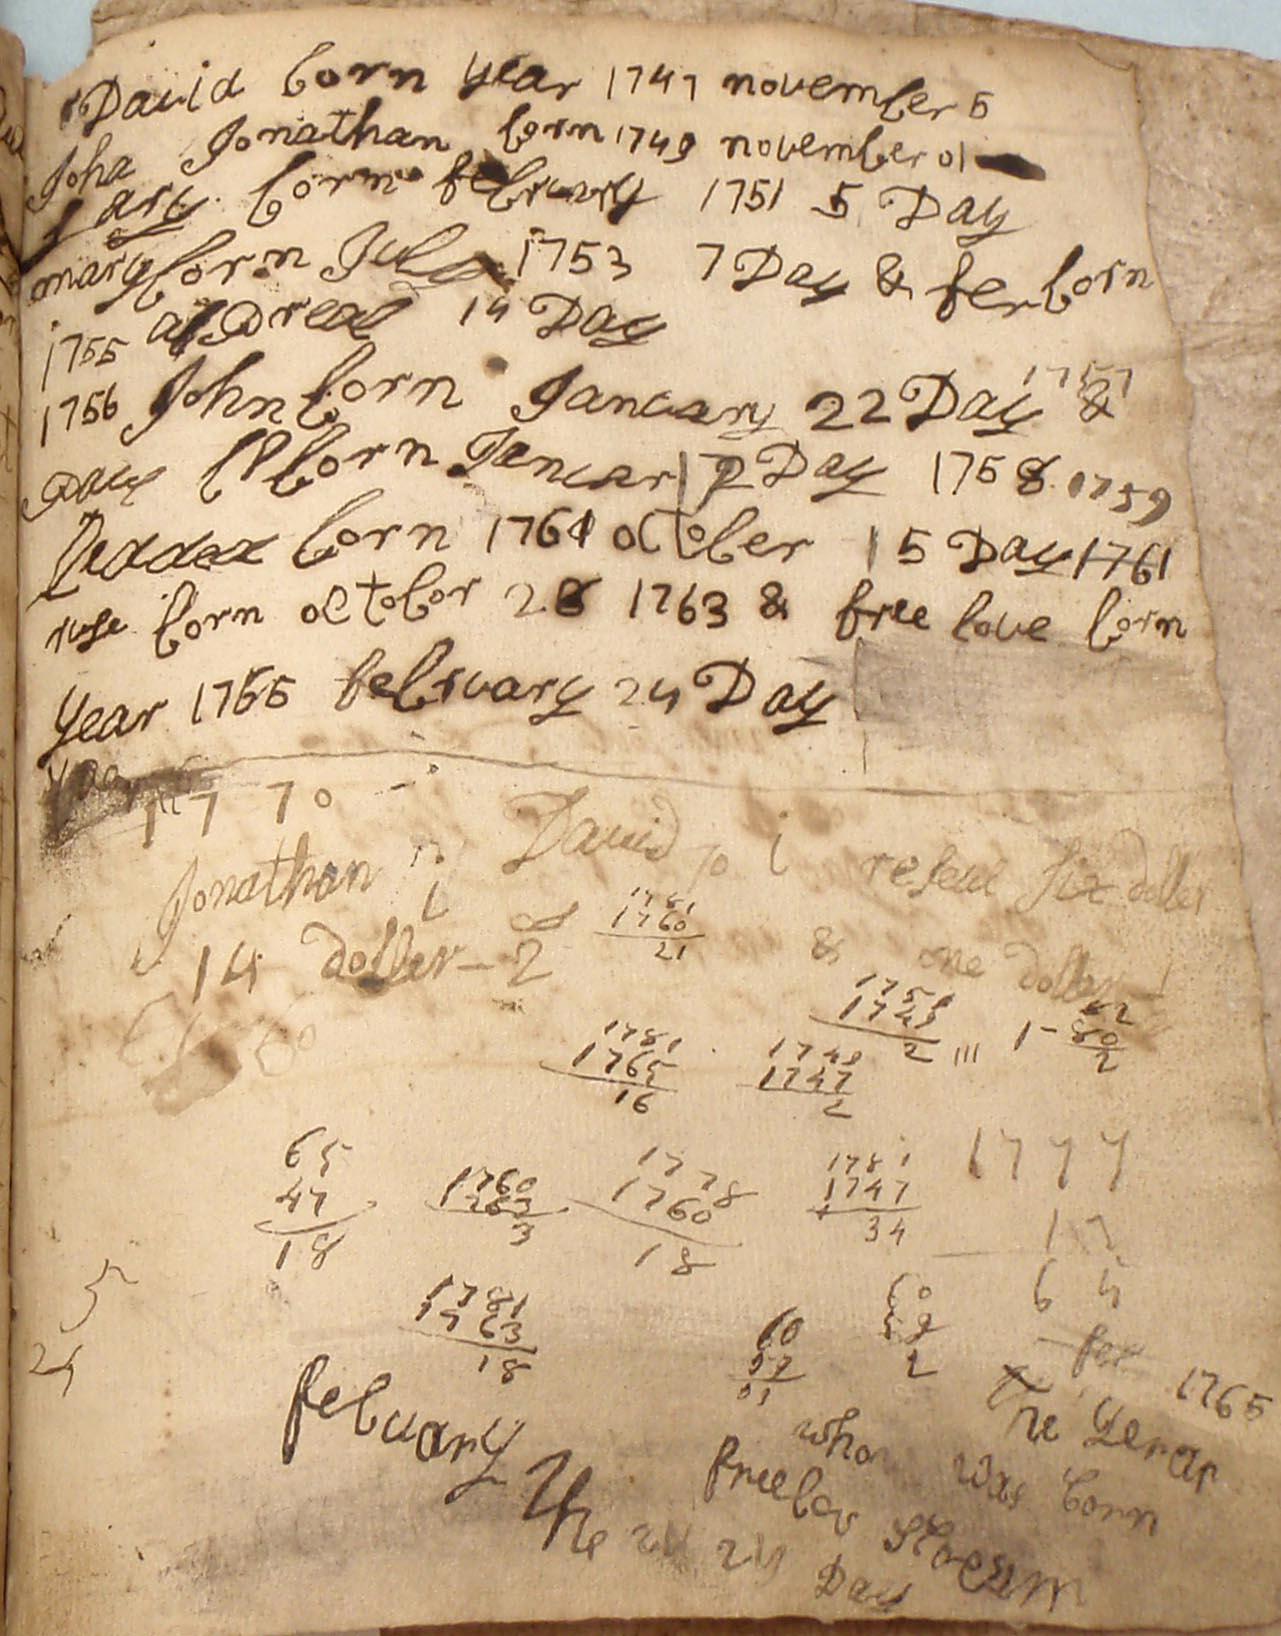 Cuff Slocum writing book, 18th c (Cuffe Papers, NBFPL)